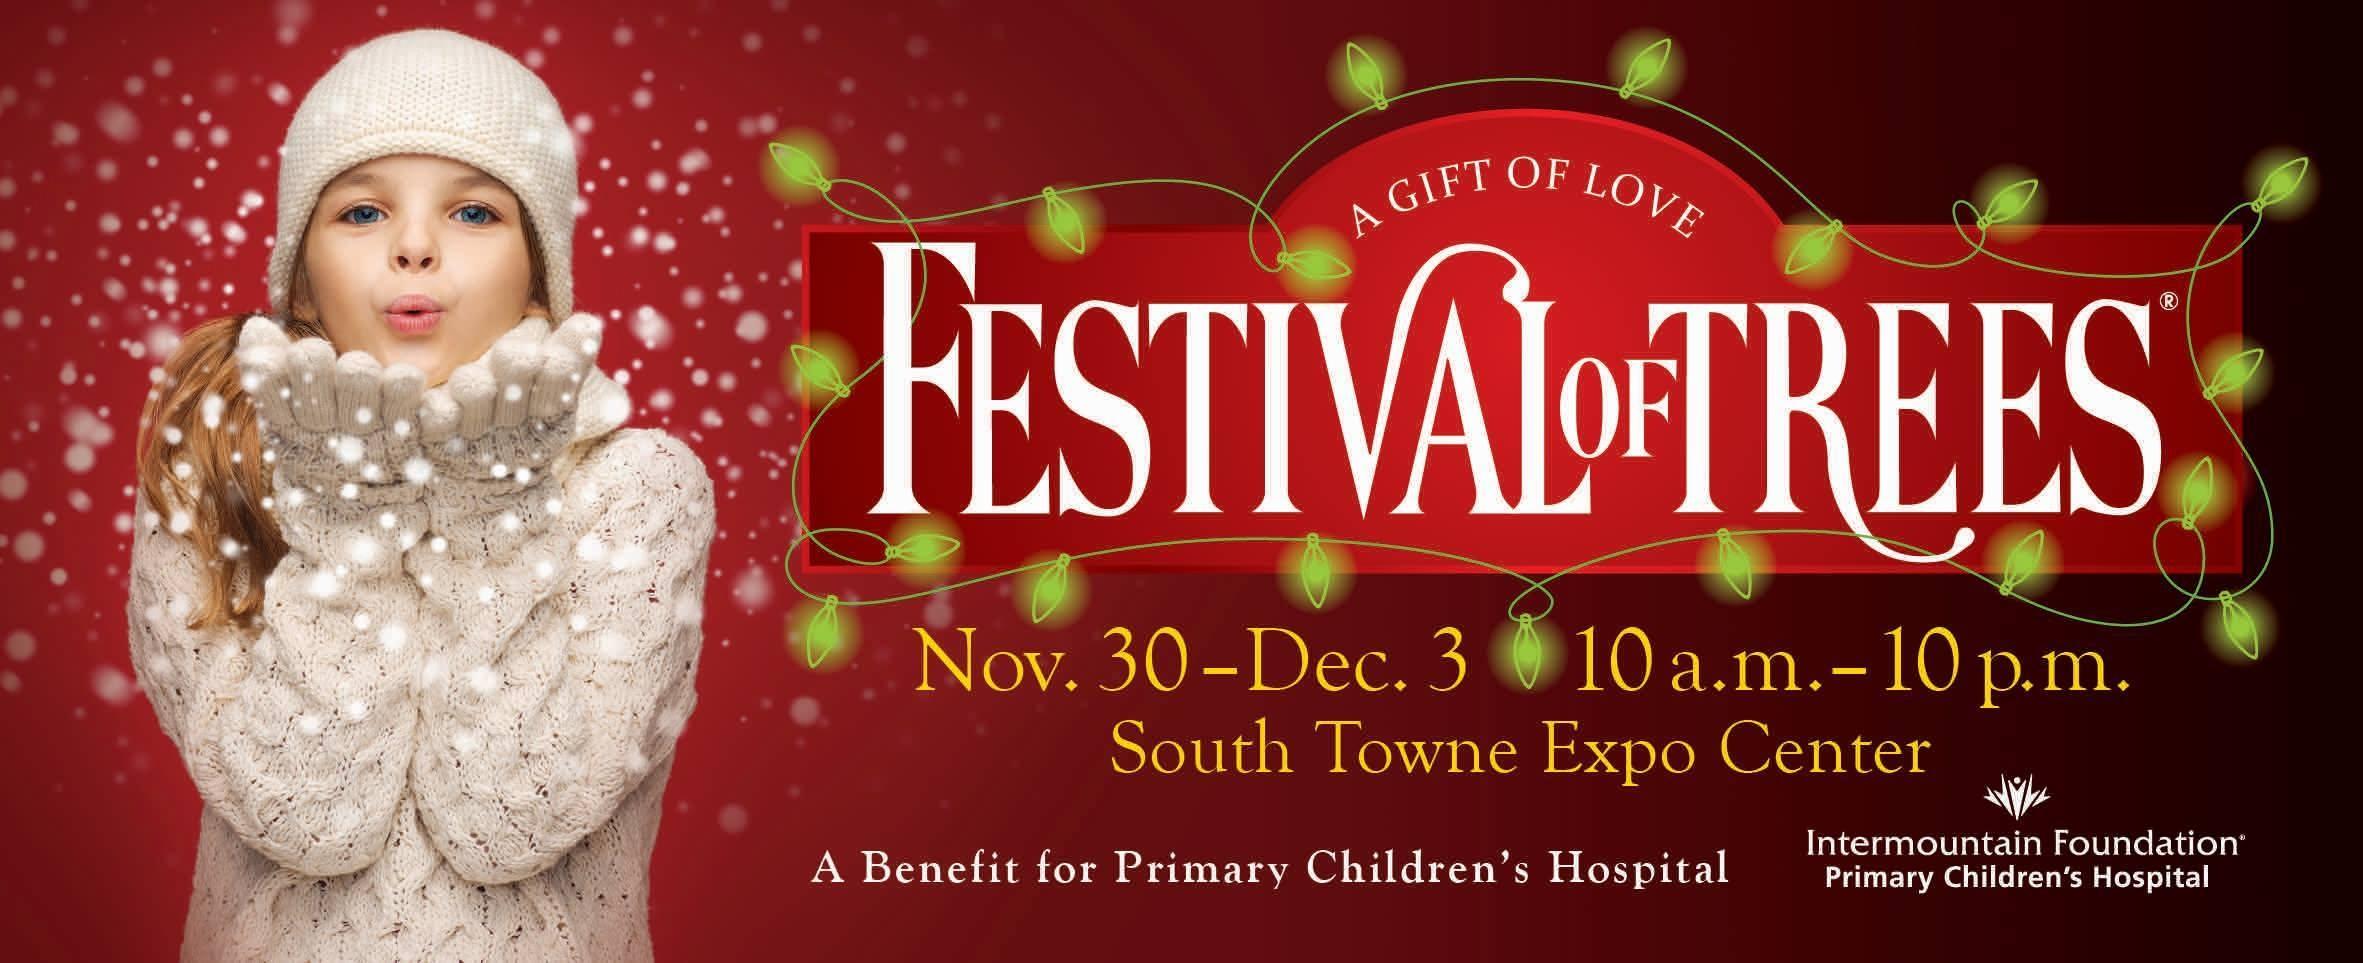 Visit www.festivaloftreesutah.org for more info!